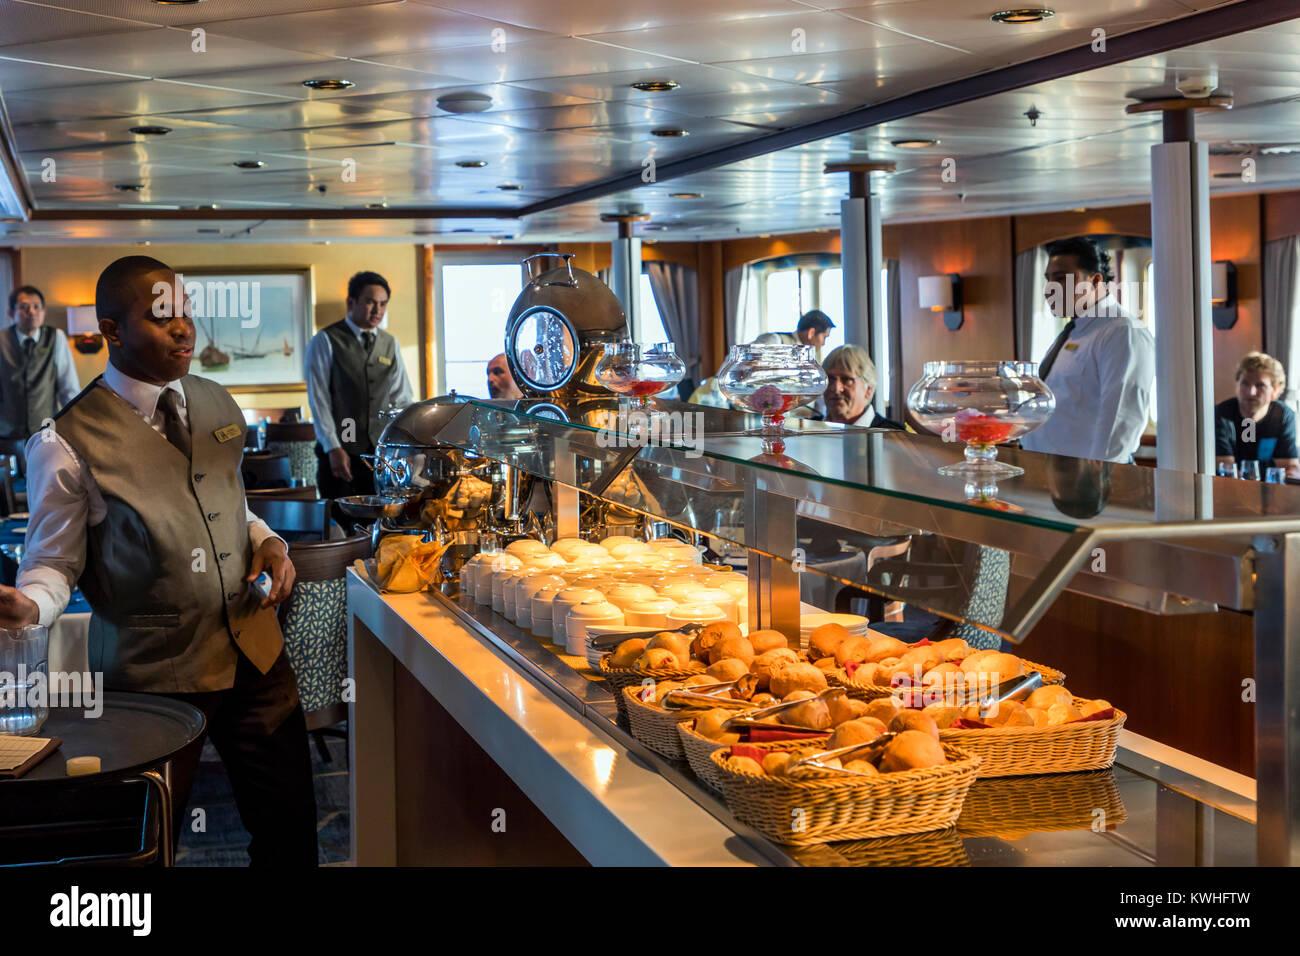 Comedor; barco de pasajeros Ocean Adventurer lleva montañismo alpino esquiadores a la Antártida. Imagen De Stock